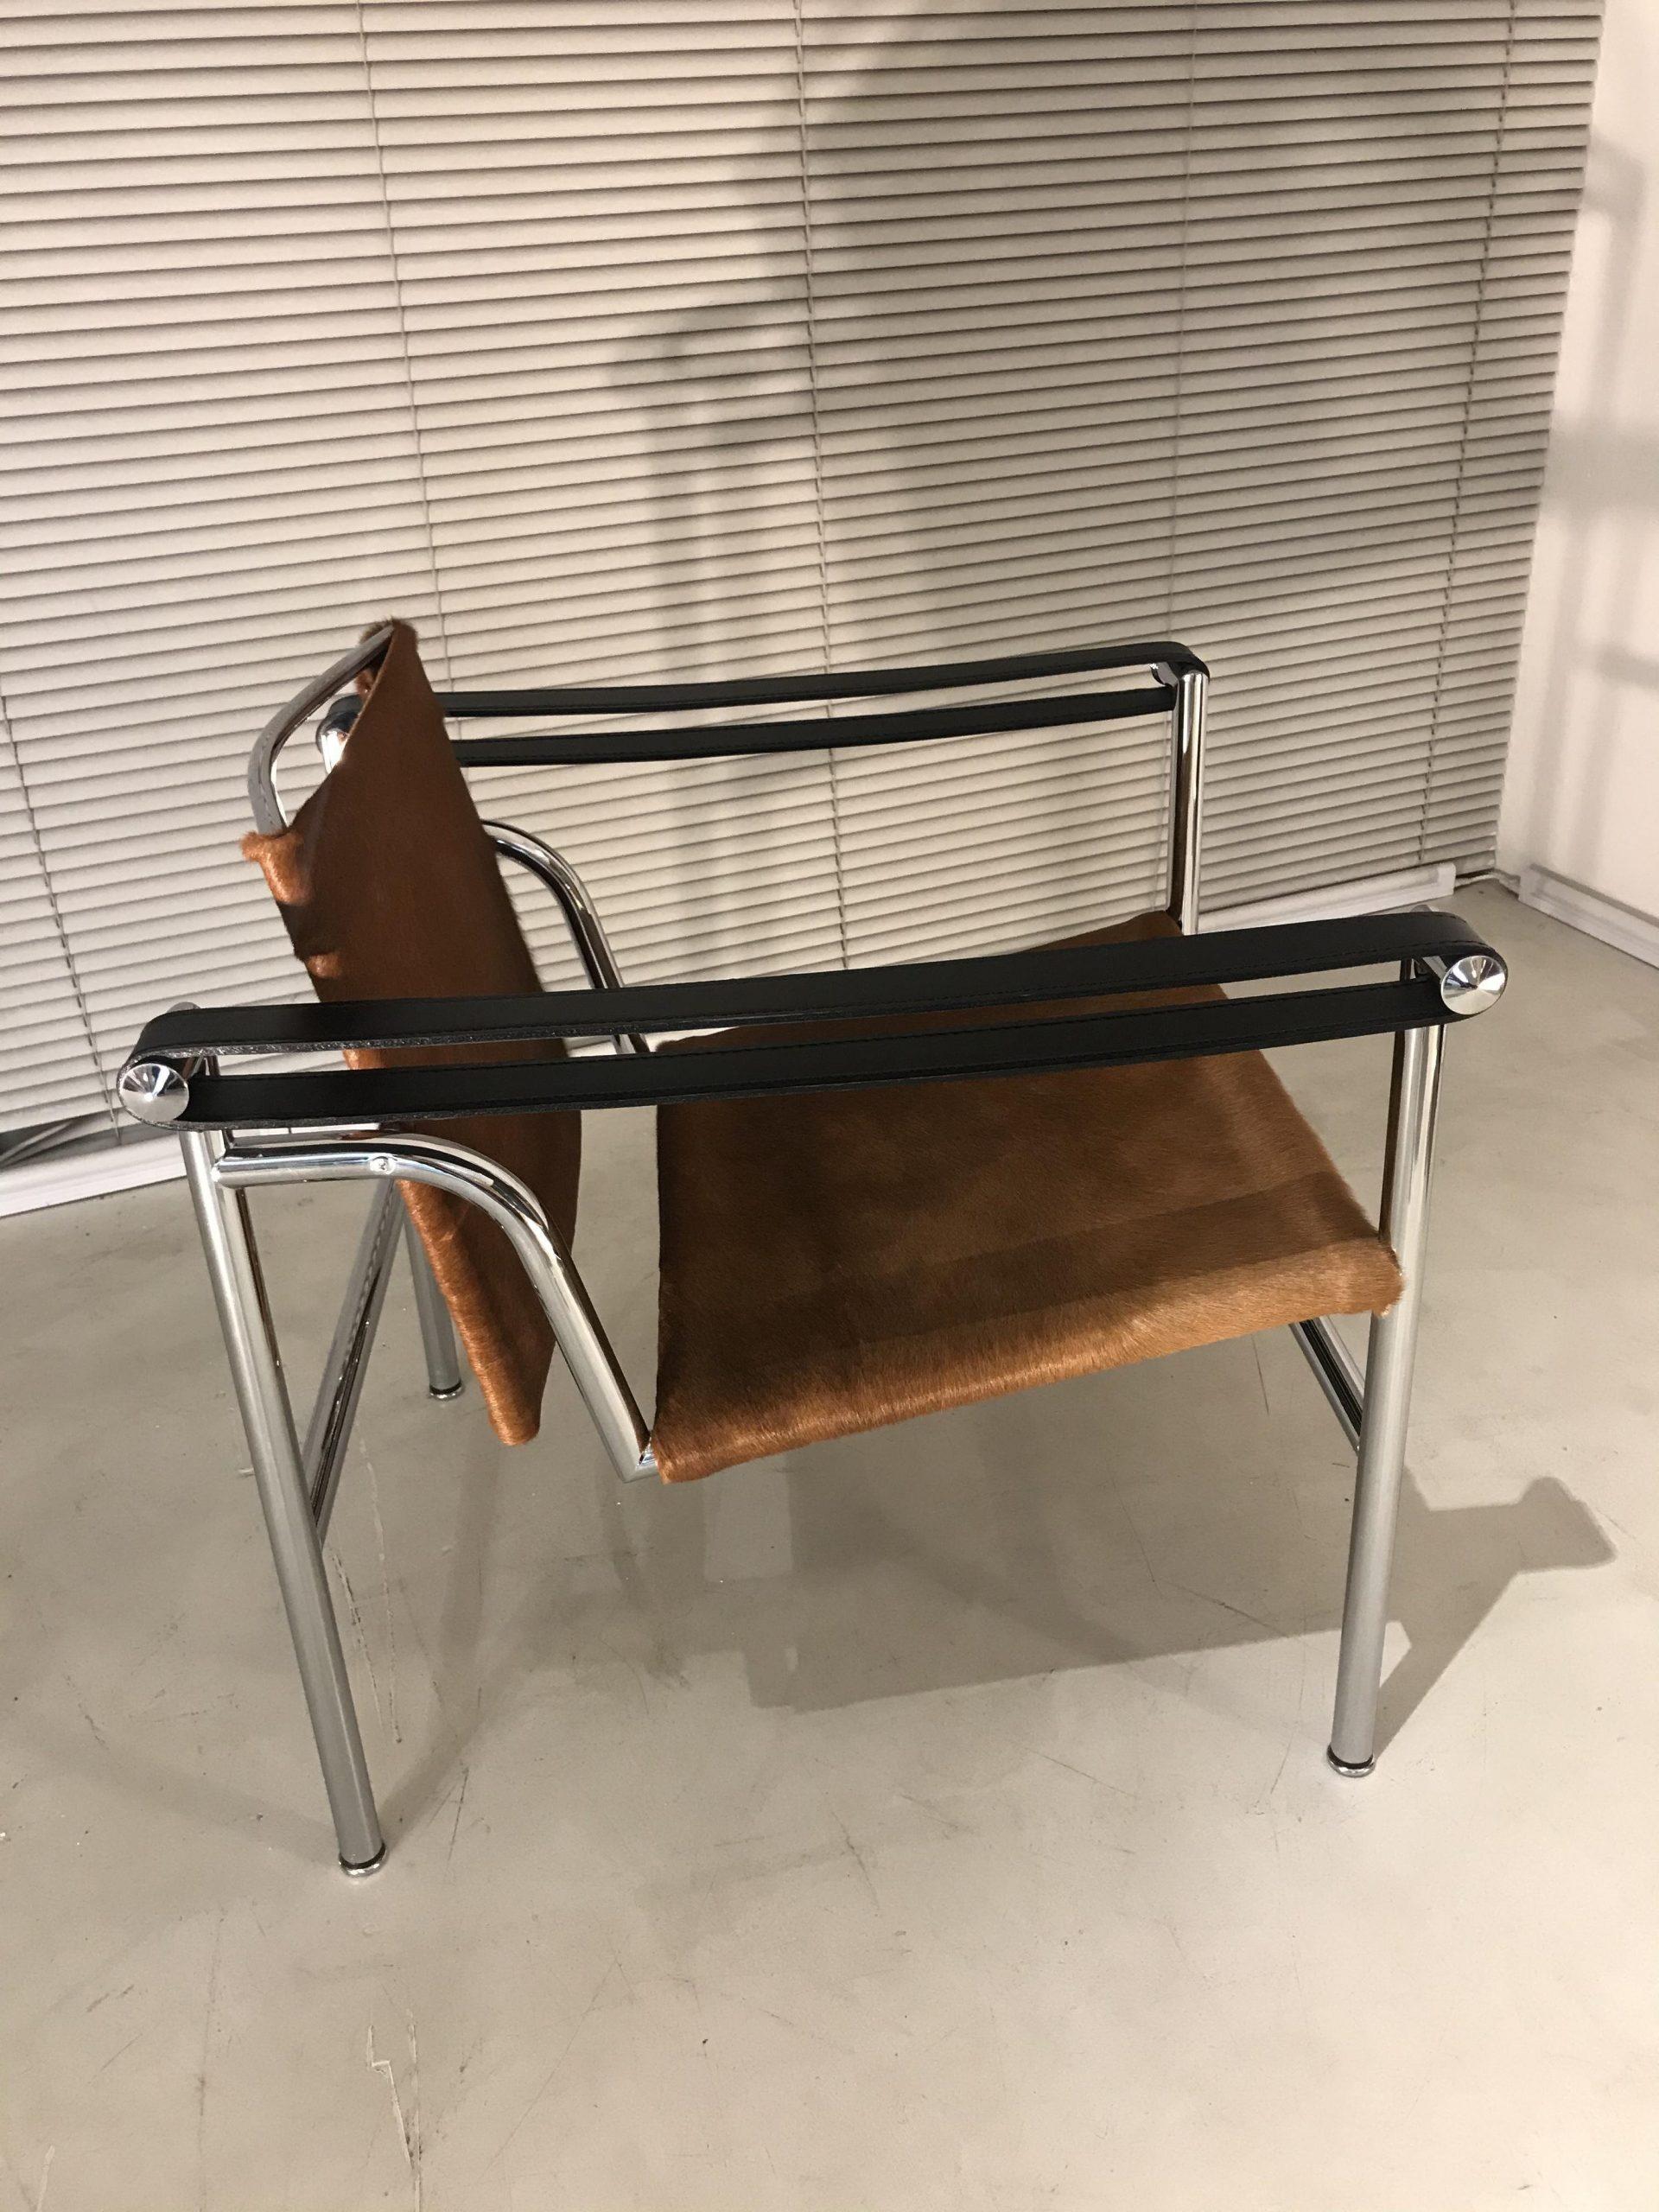 LC1 Le Corbusier Cassina original design made in Italy